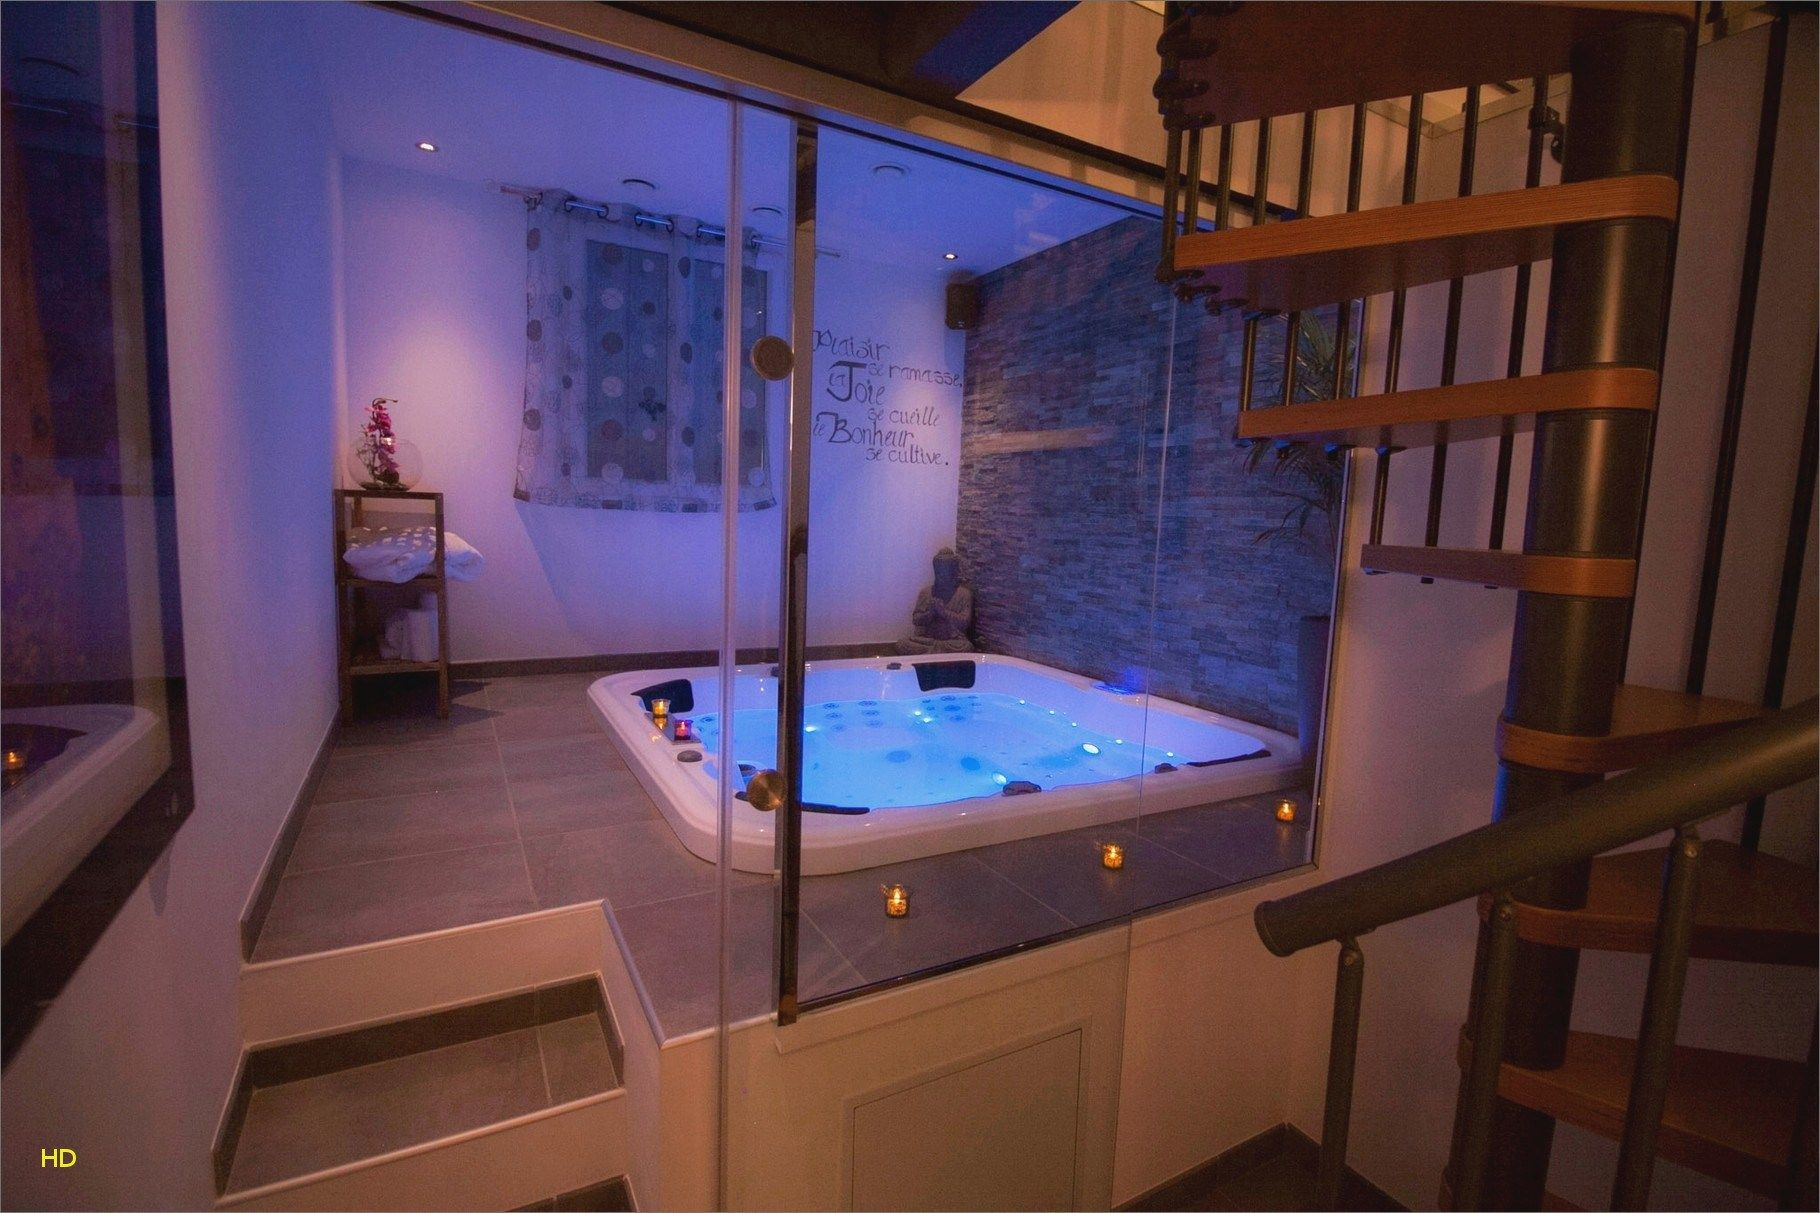 New Hotel Lyon Jacuzzi Privatif Jacuzzi Basement Living Rooms Jacuzzi Spas